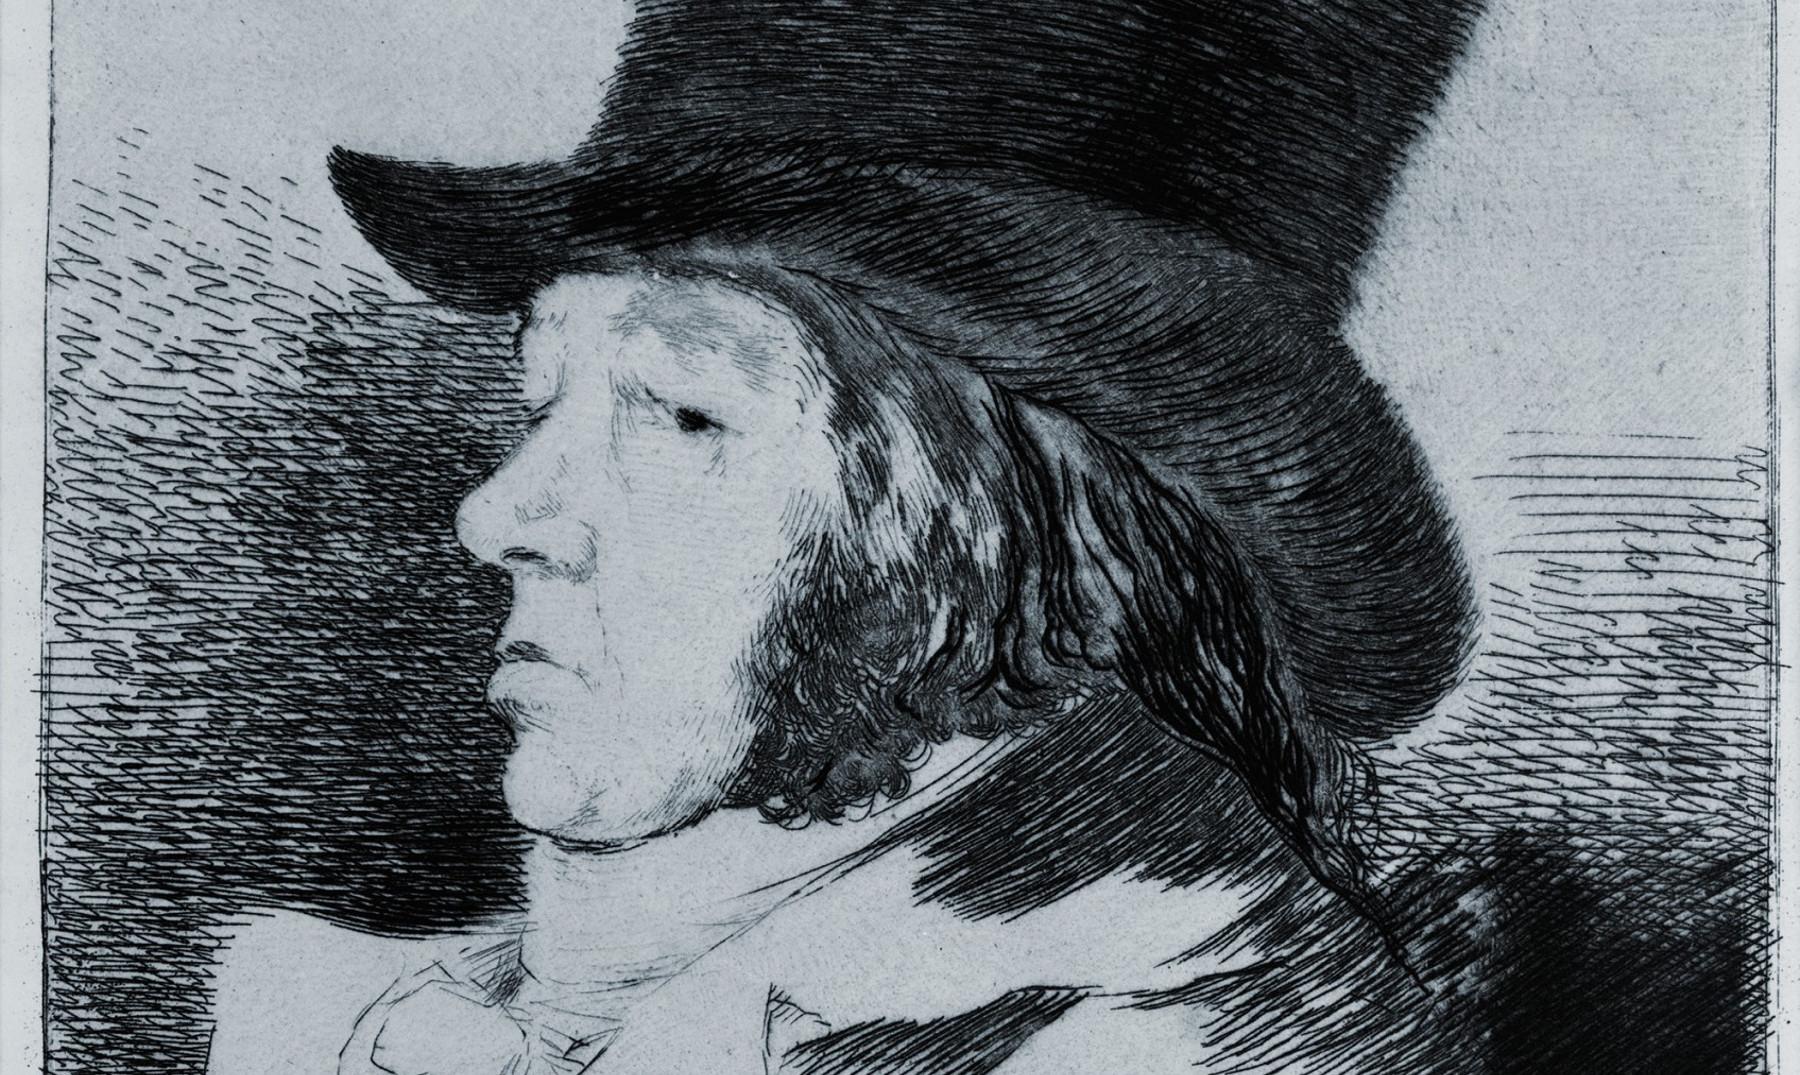 70 Frases De Goya El Pintor Fantástico Y Misterioso Con